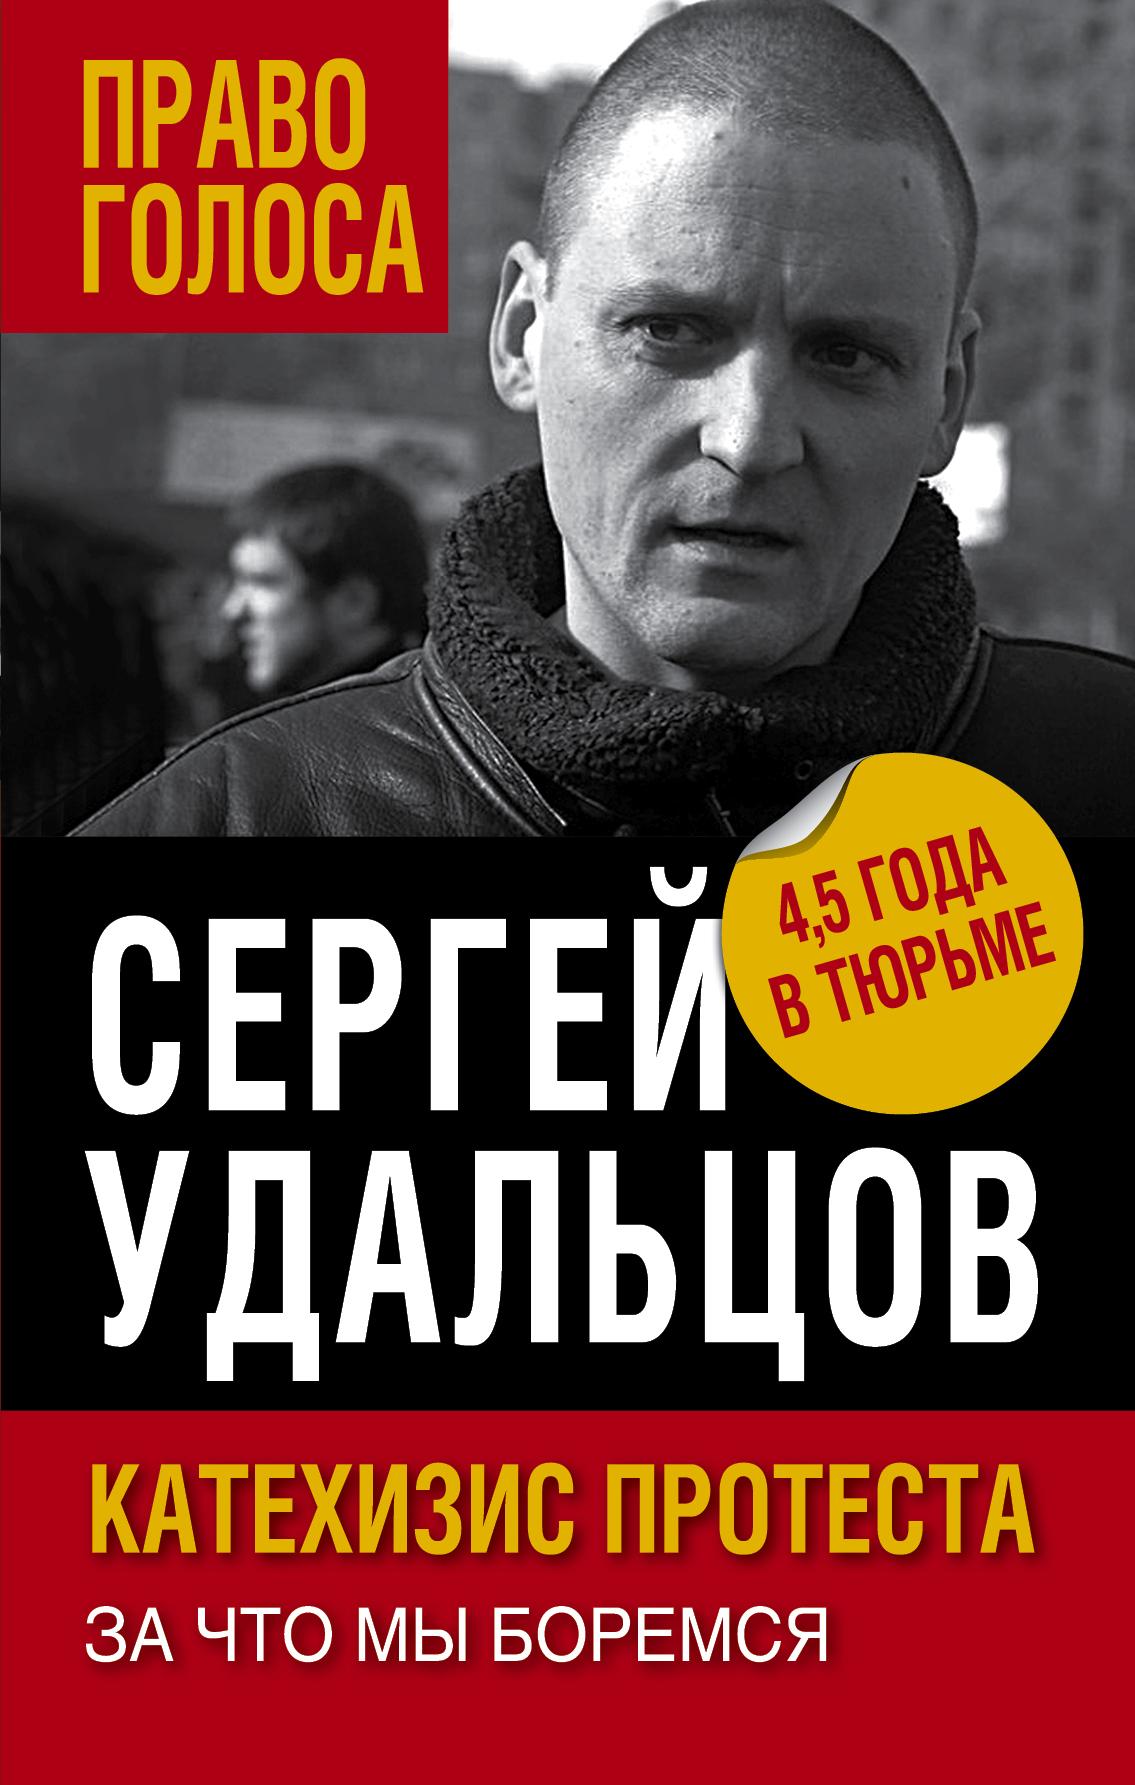 Сергей Удальцов Катехизис протеста. За что мы боремся